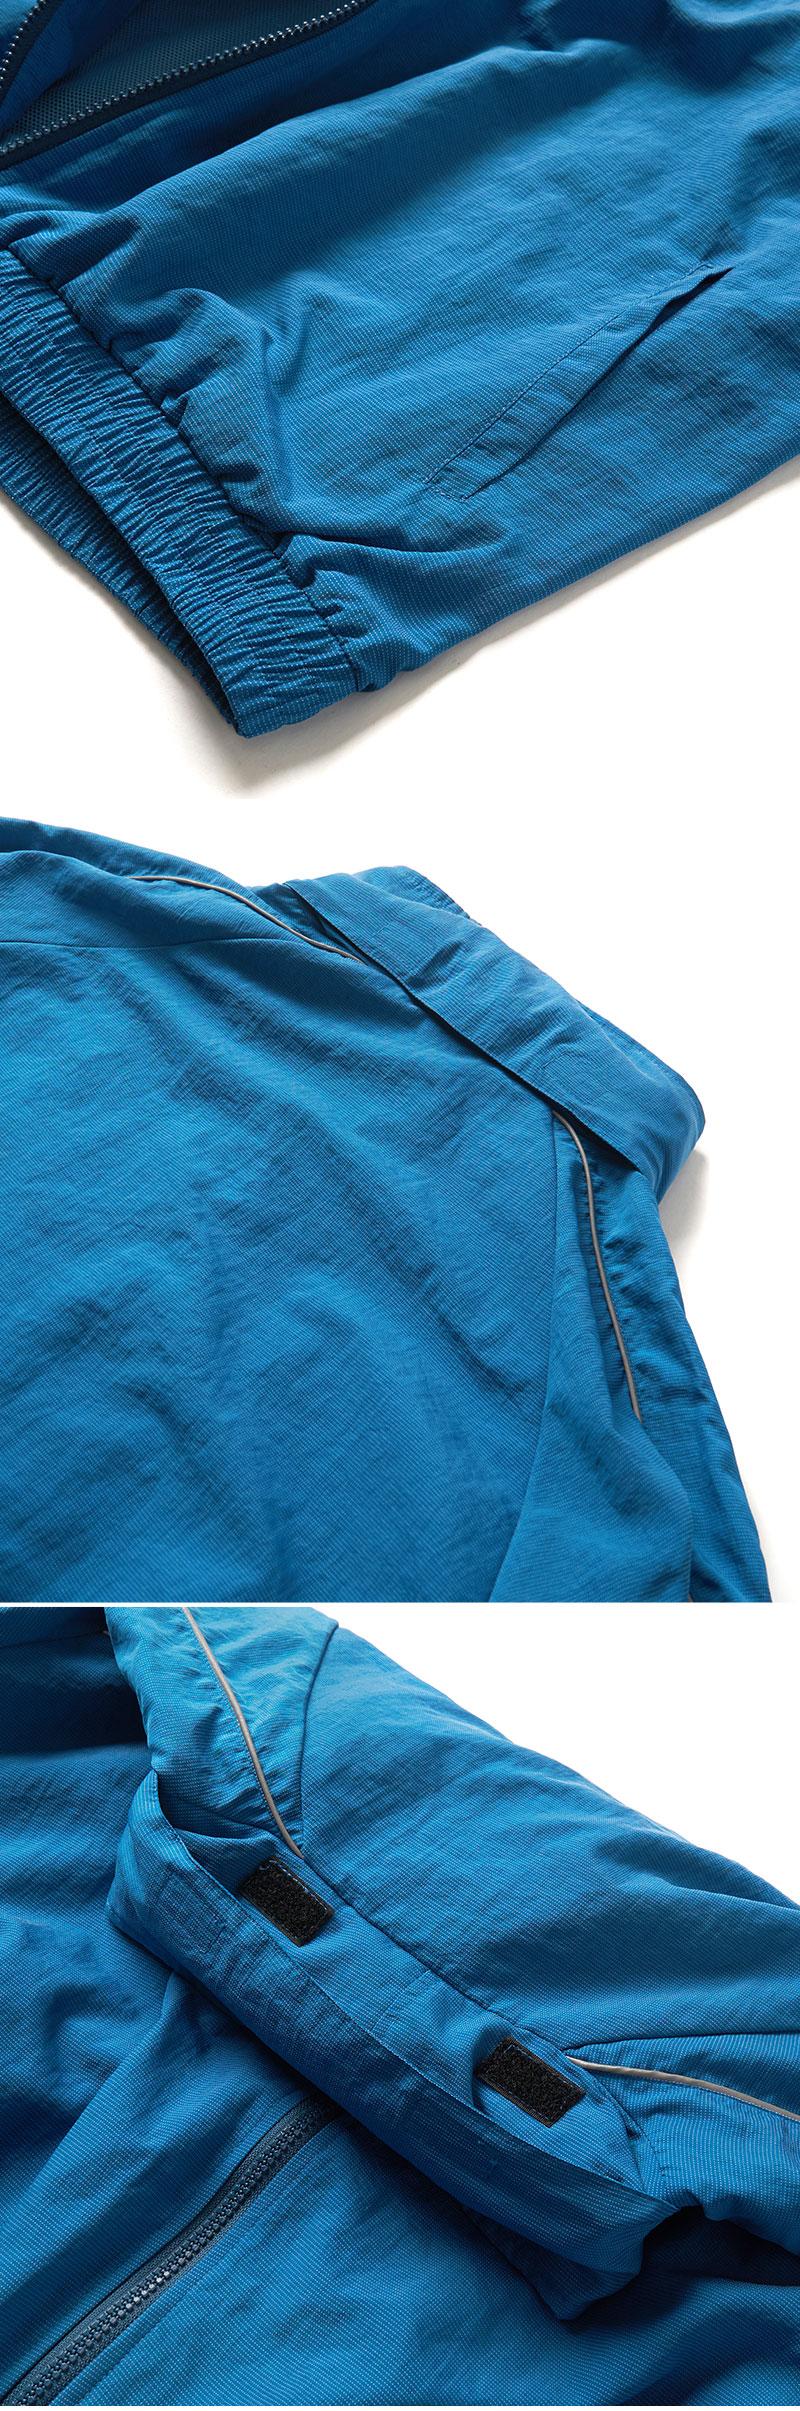 SIDE LOGO TRACK JACKET(BLUE GREEN)_CTONPJK04UB7